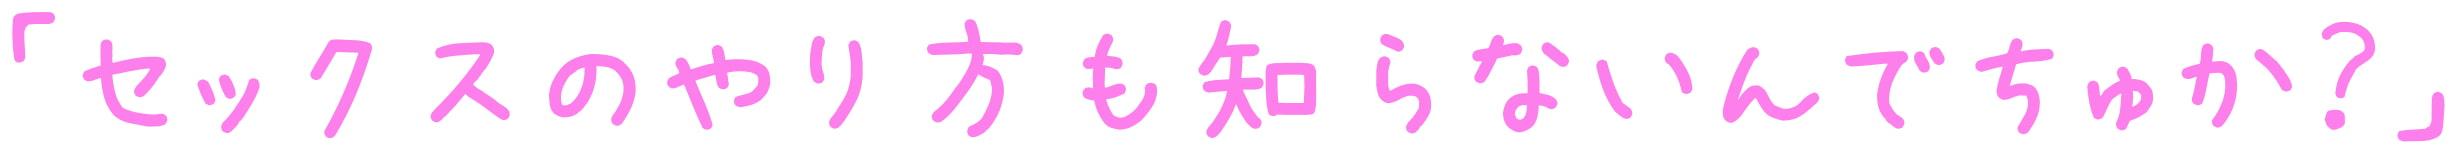 【強制純愛】僕を嫌いな毒舌クール奴隷少女との純愛共依存性活 [もぷもぷ実験室]